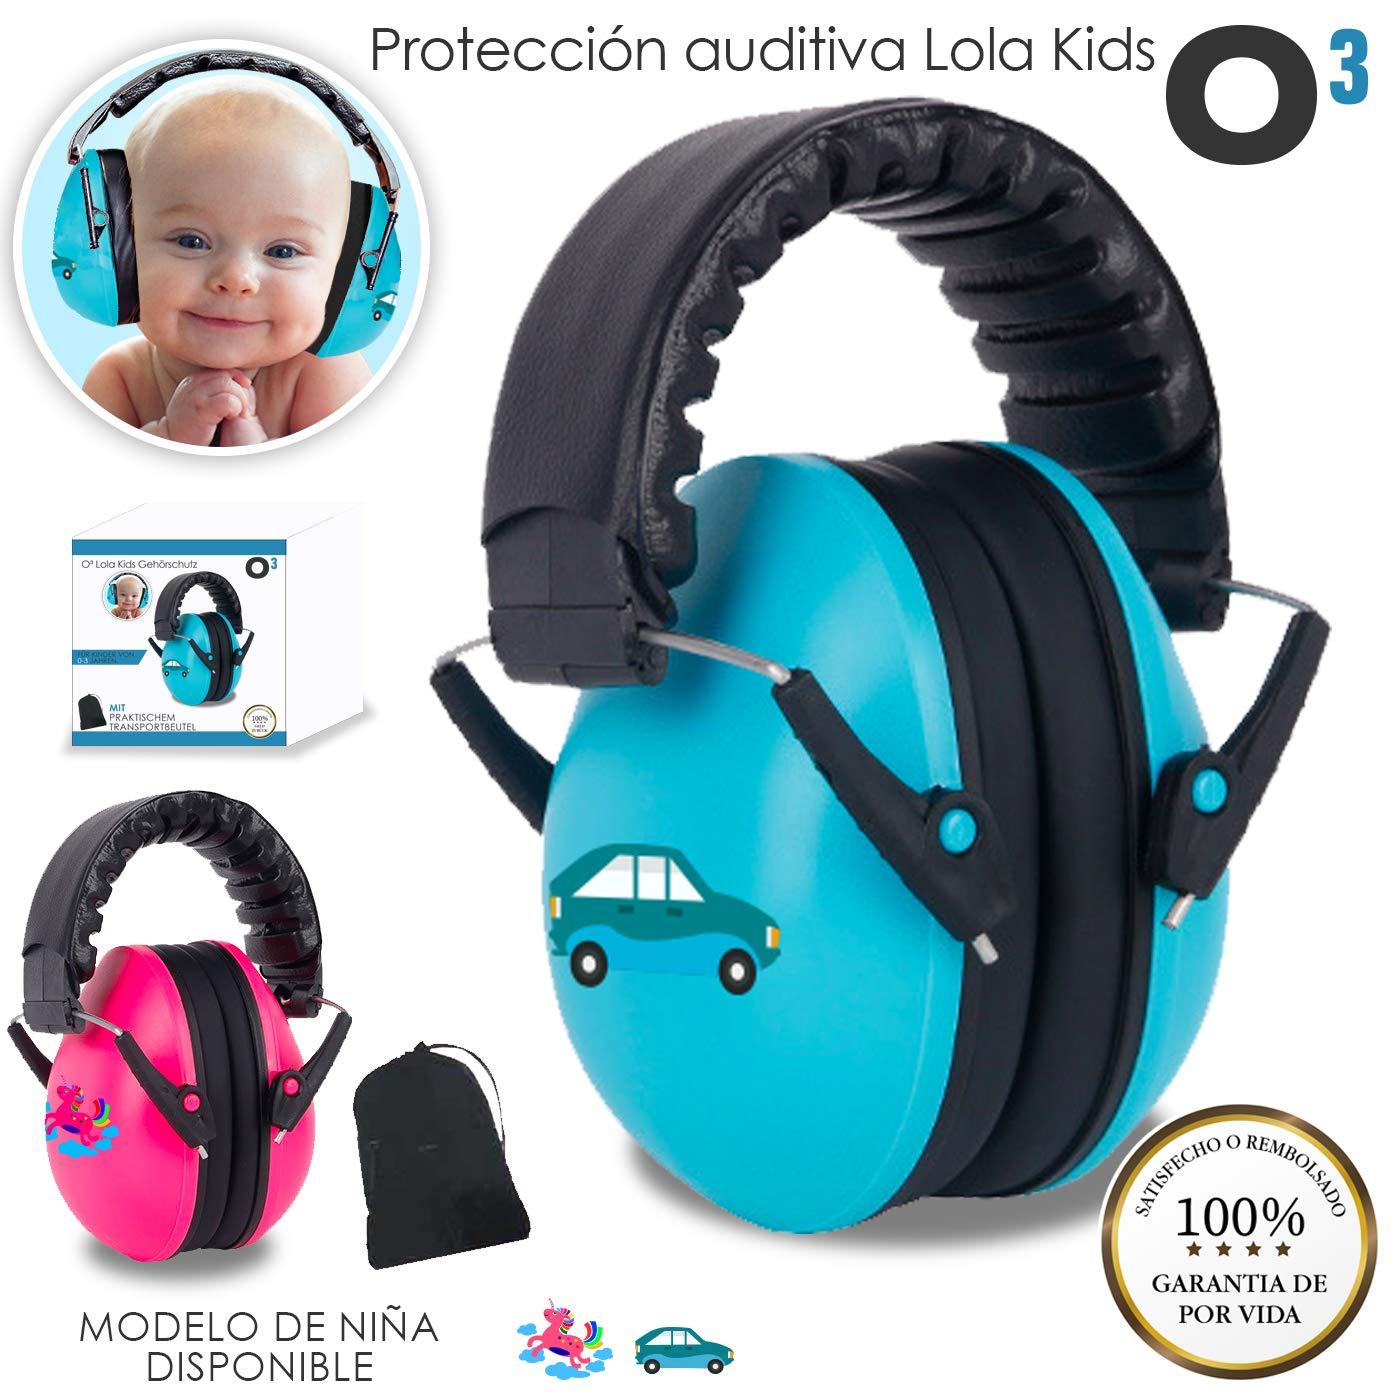 O³ Proteccion Auditiva Bebe Lola Kids De 0-3 Años en 2 Versiones - Cascos Antiruido | Cascos Ruido Niños con Bolsa de Almacenamiento - Orejeras Antiruido Para Niños Dormir-Bricolaje-Concierto- Niño O³